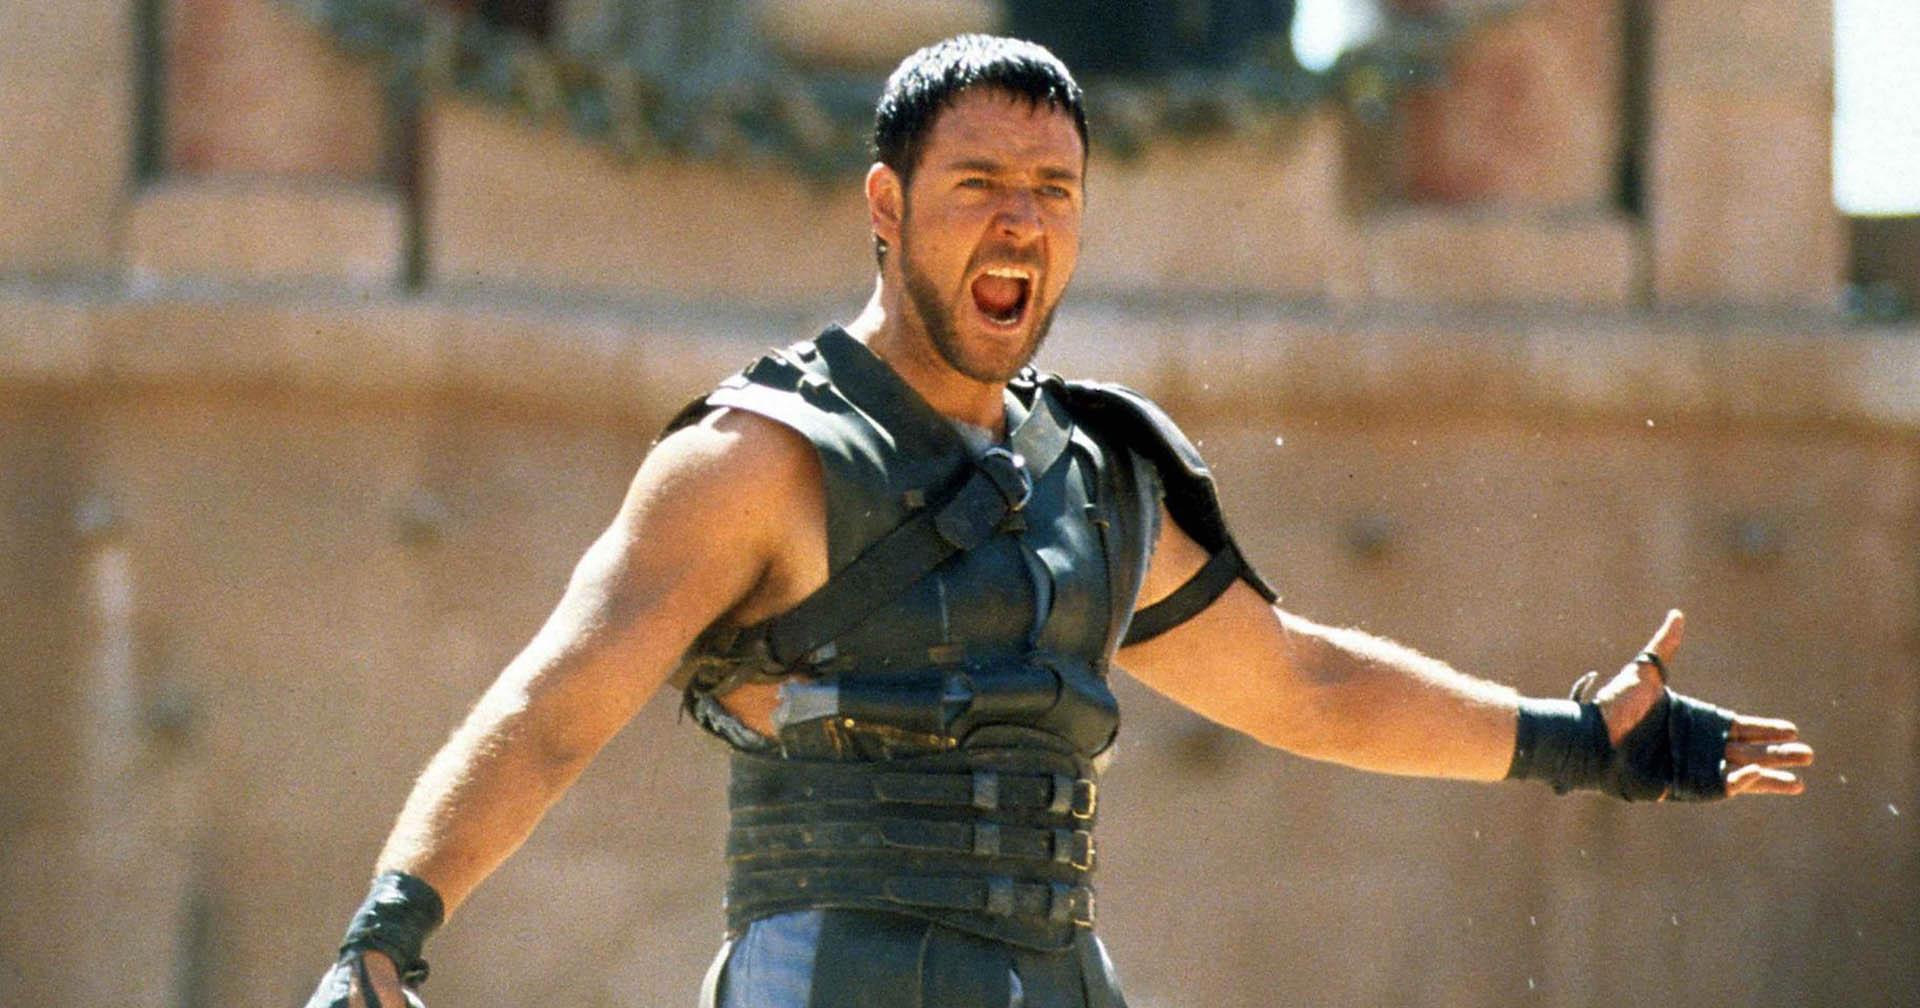 Gladiador 2: Roteiro da sequência está em desenvolvimento; saiba mais!